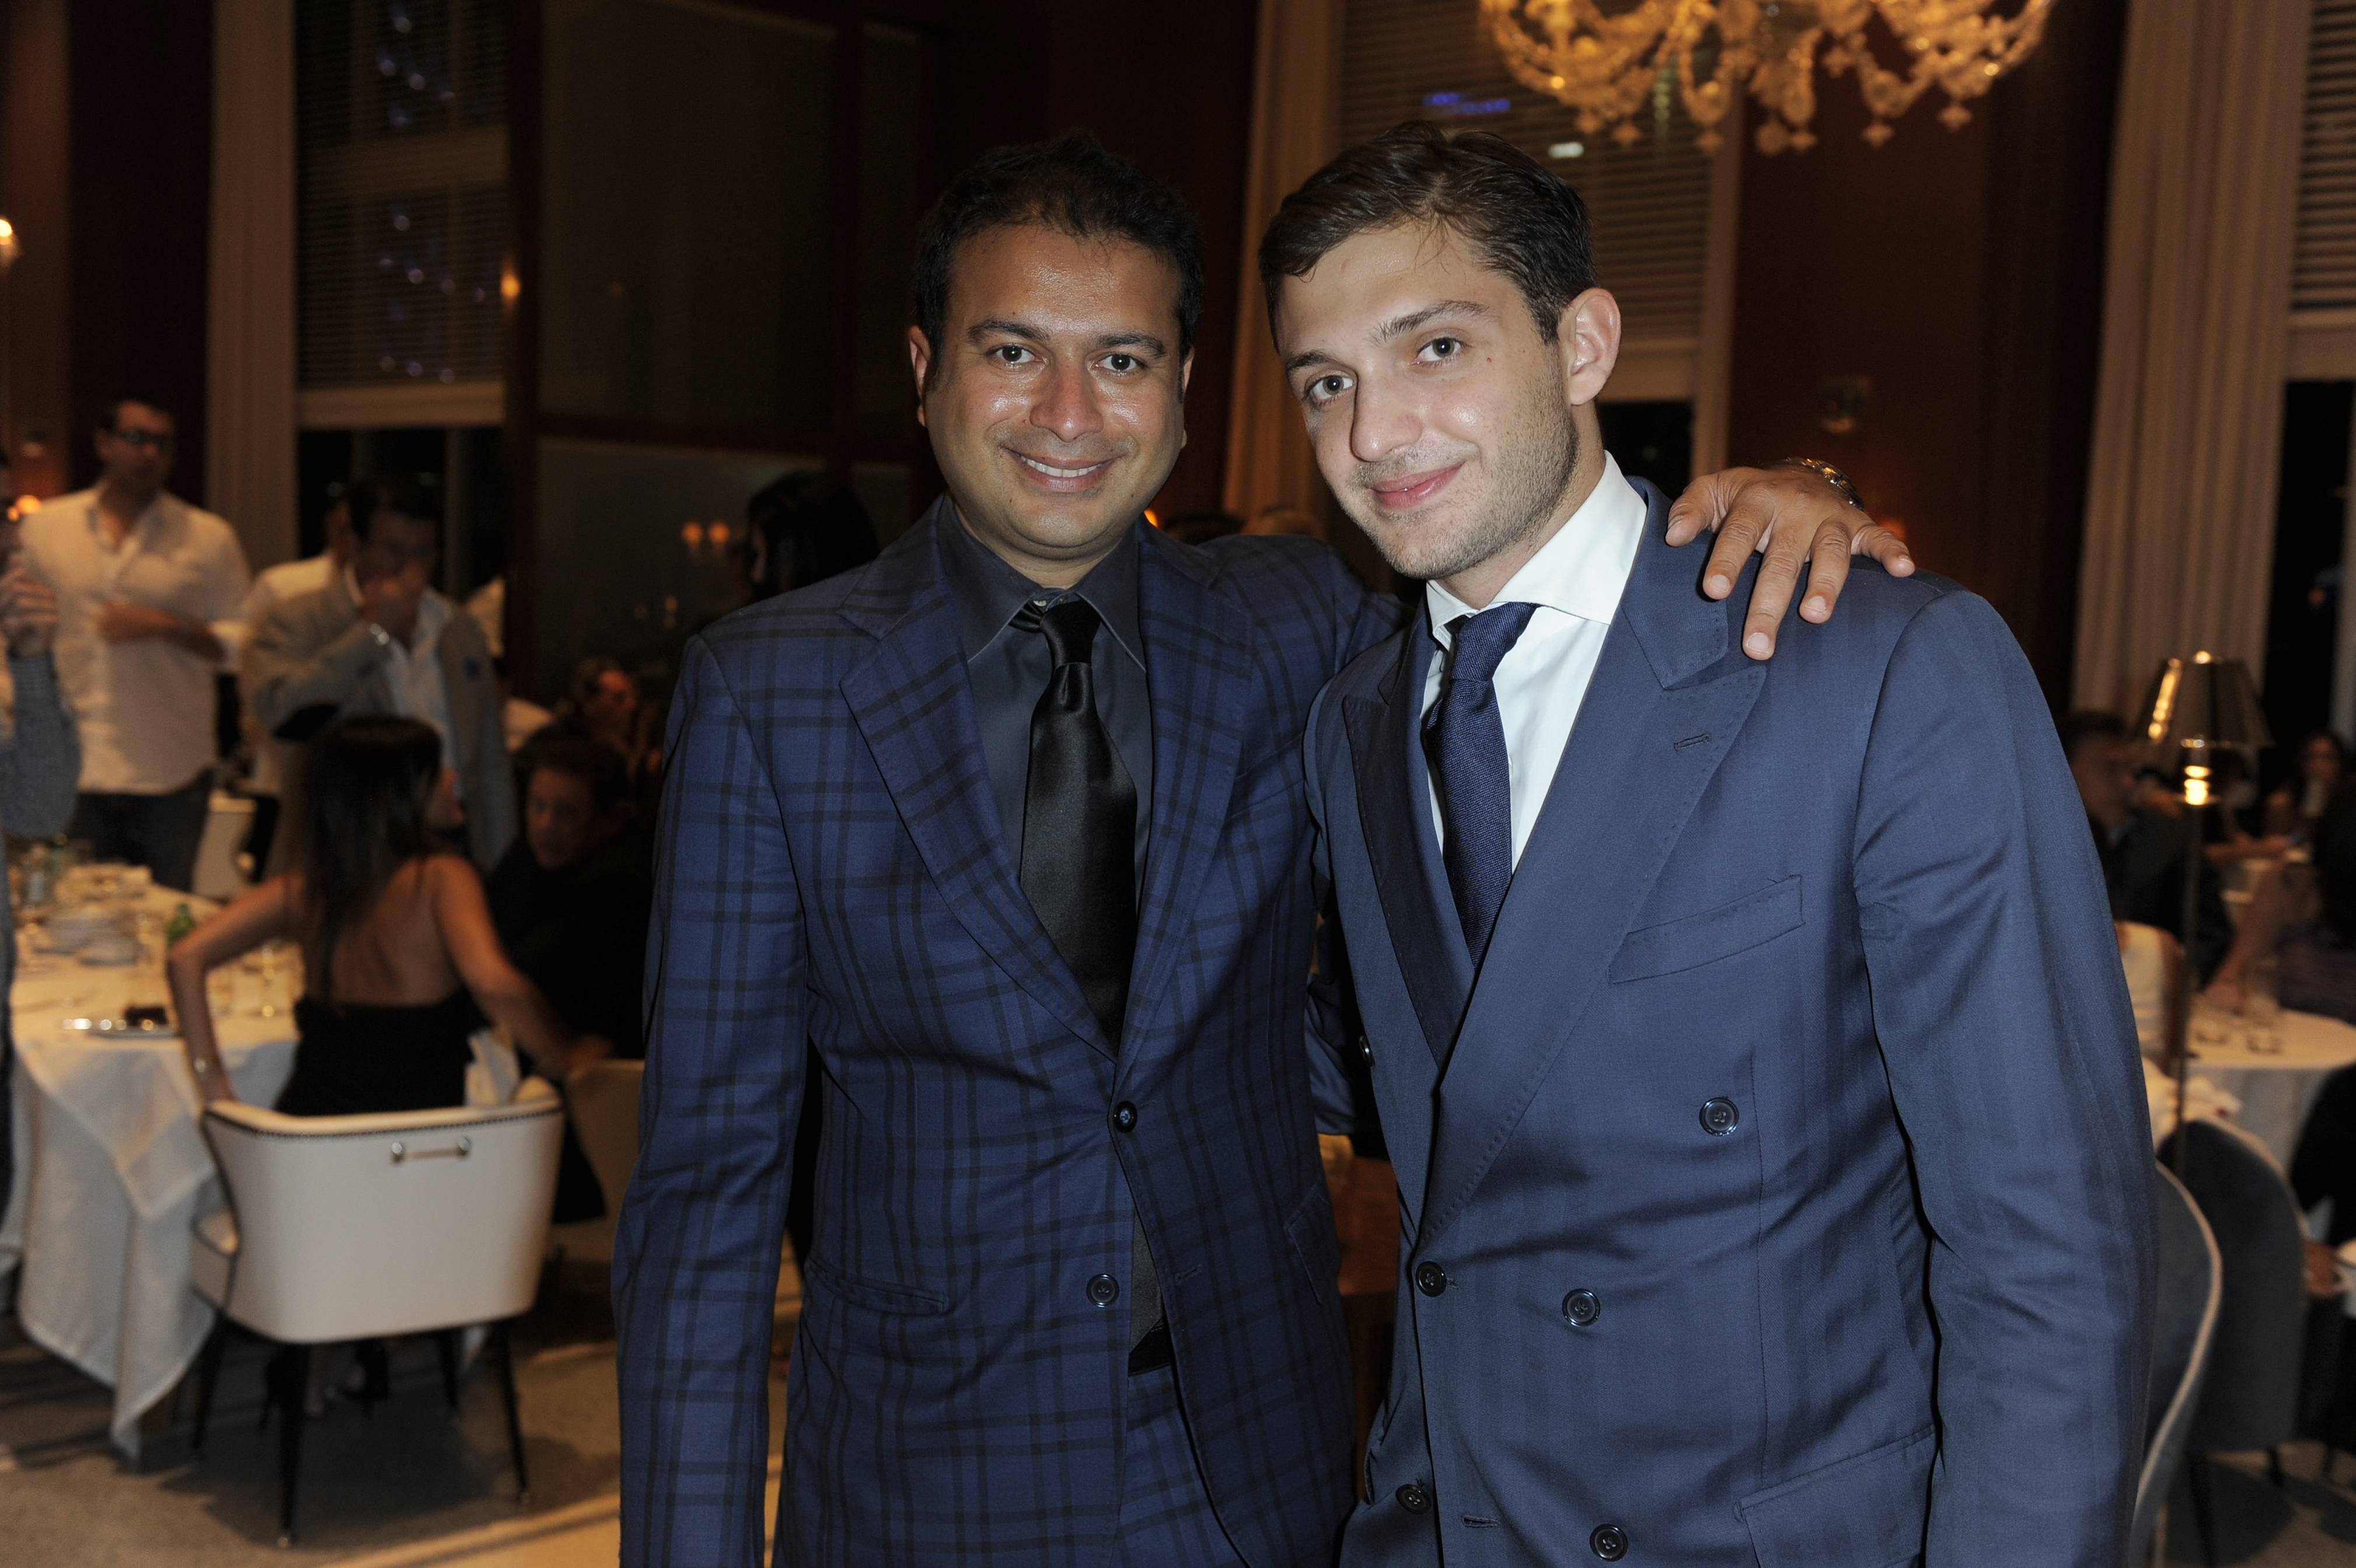 Kamal Hotchandani and Maggio Cipriani